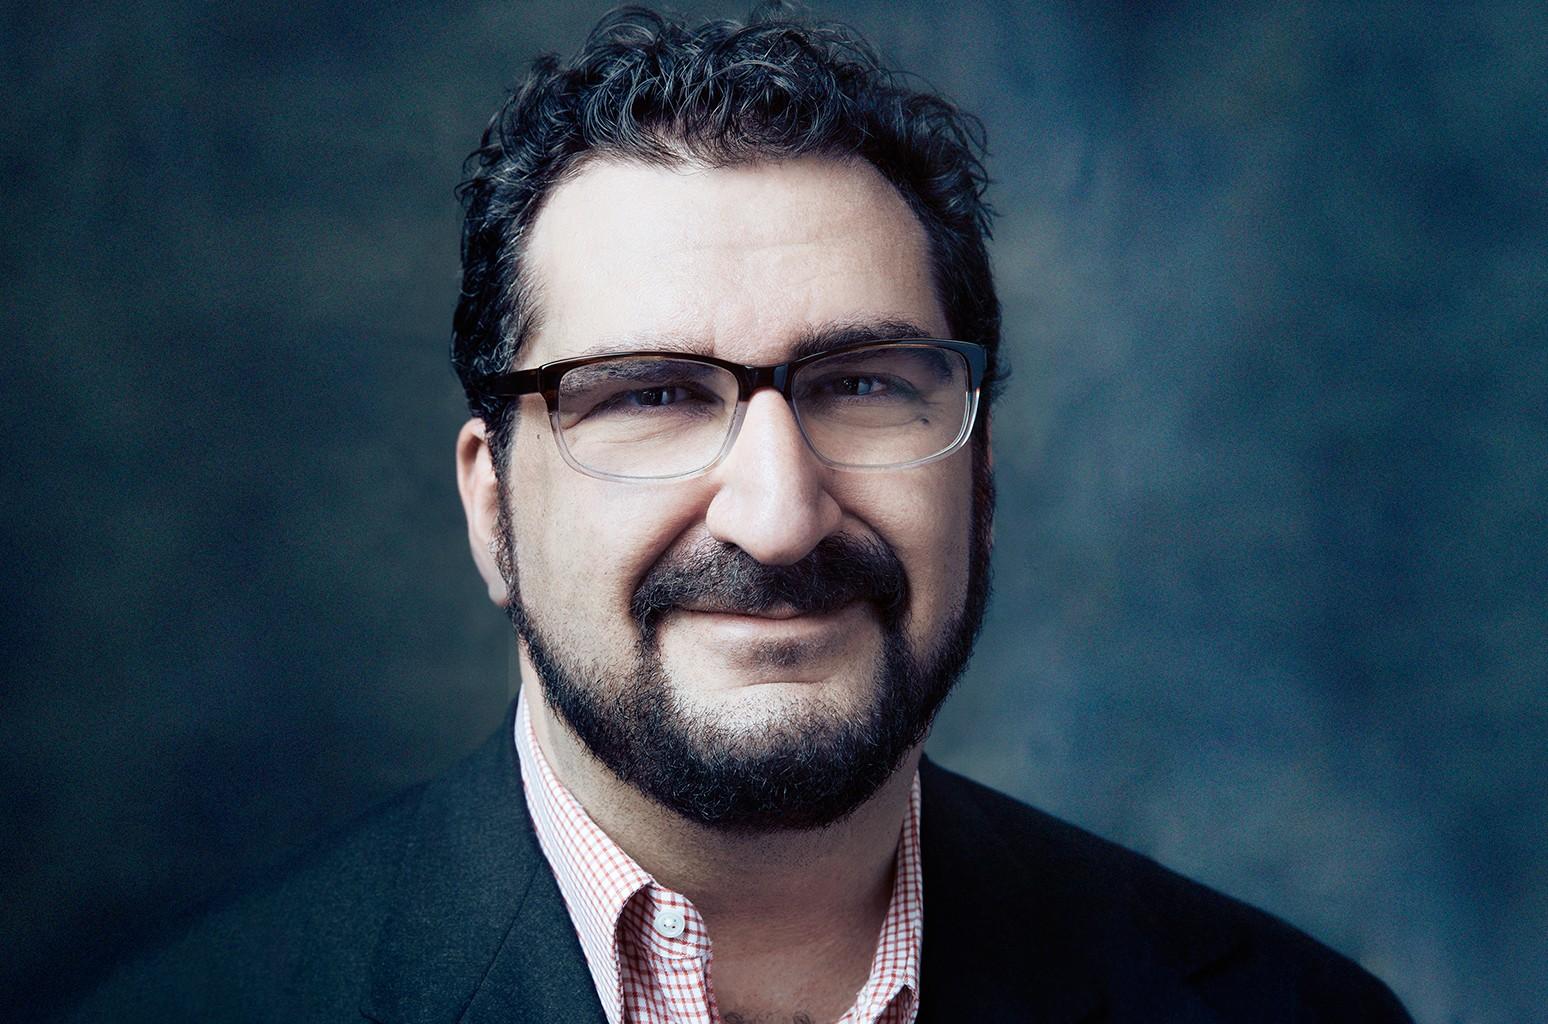 Tony Gervino